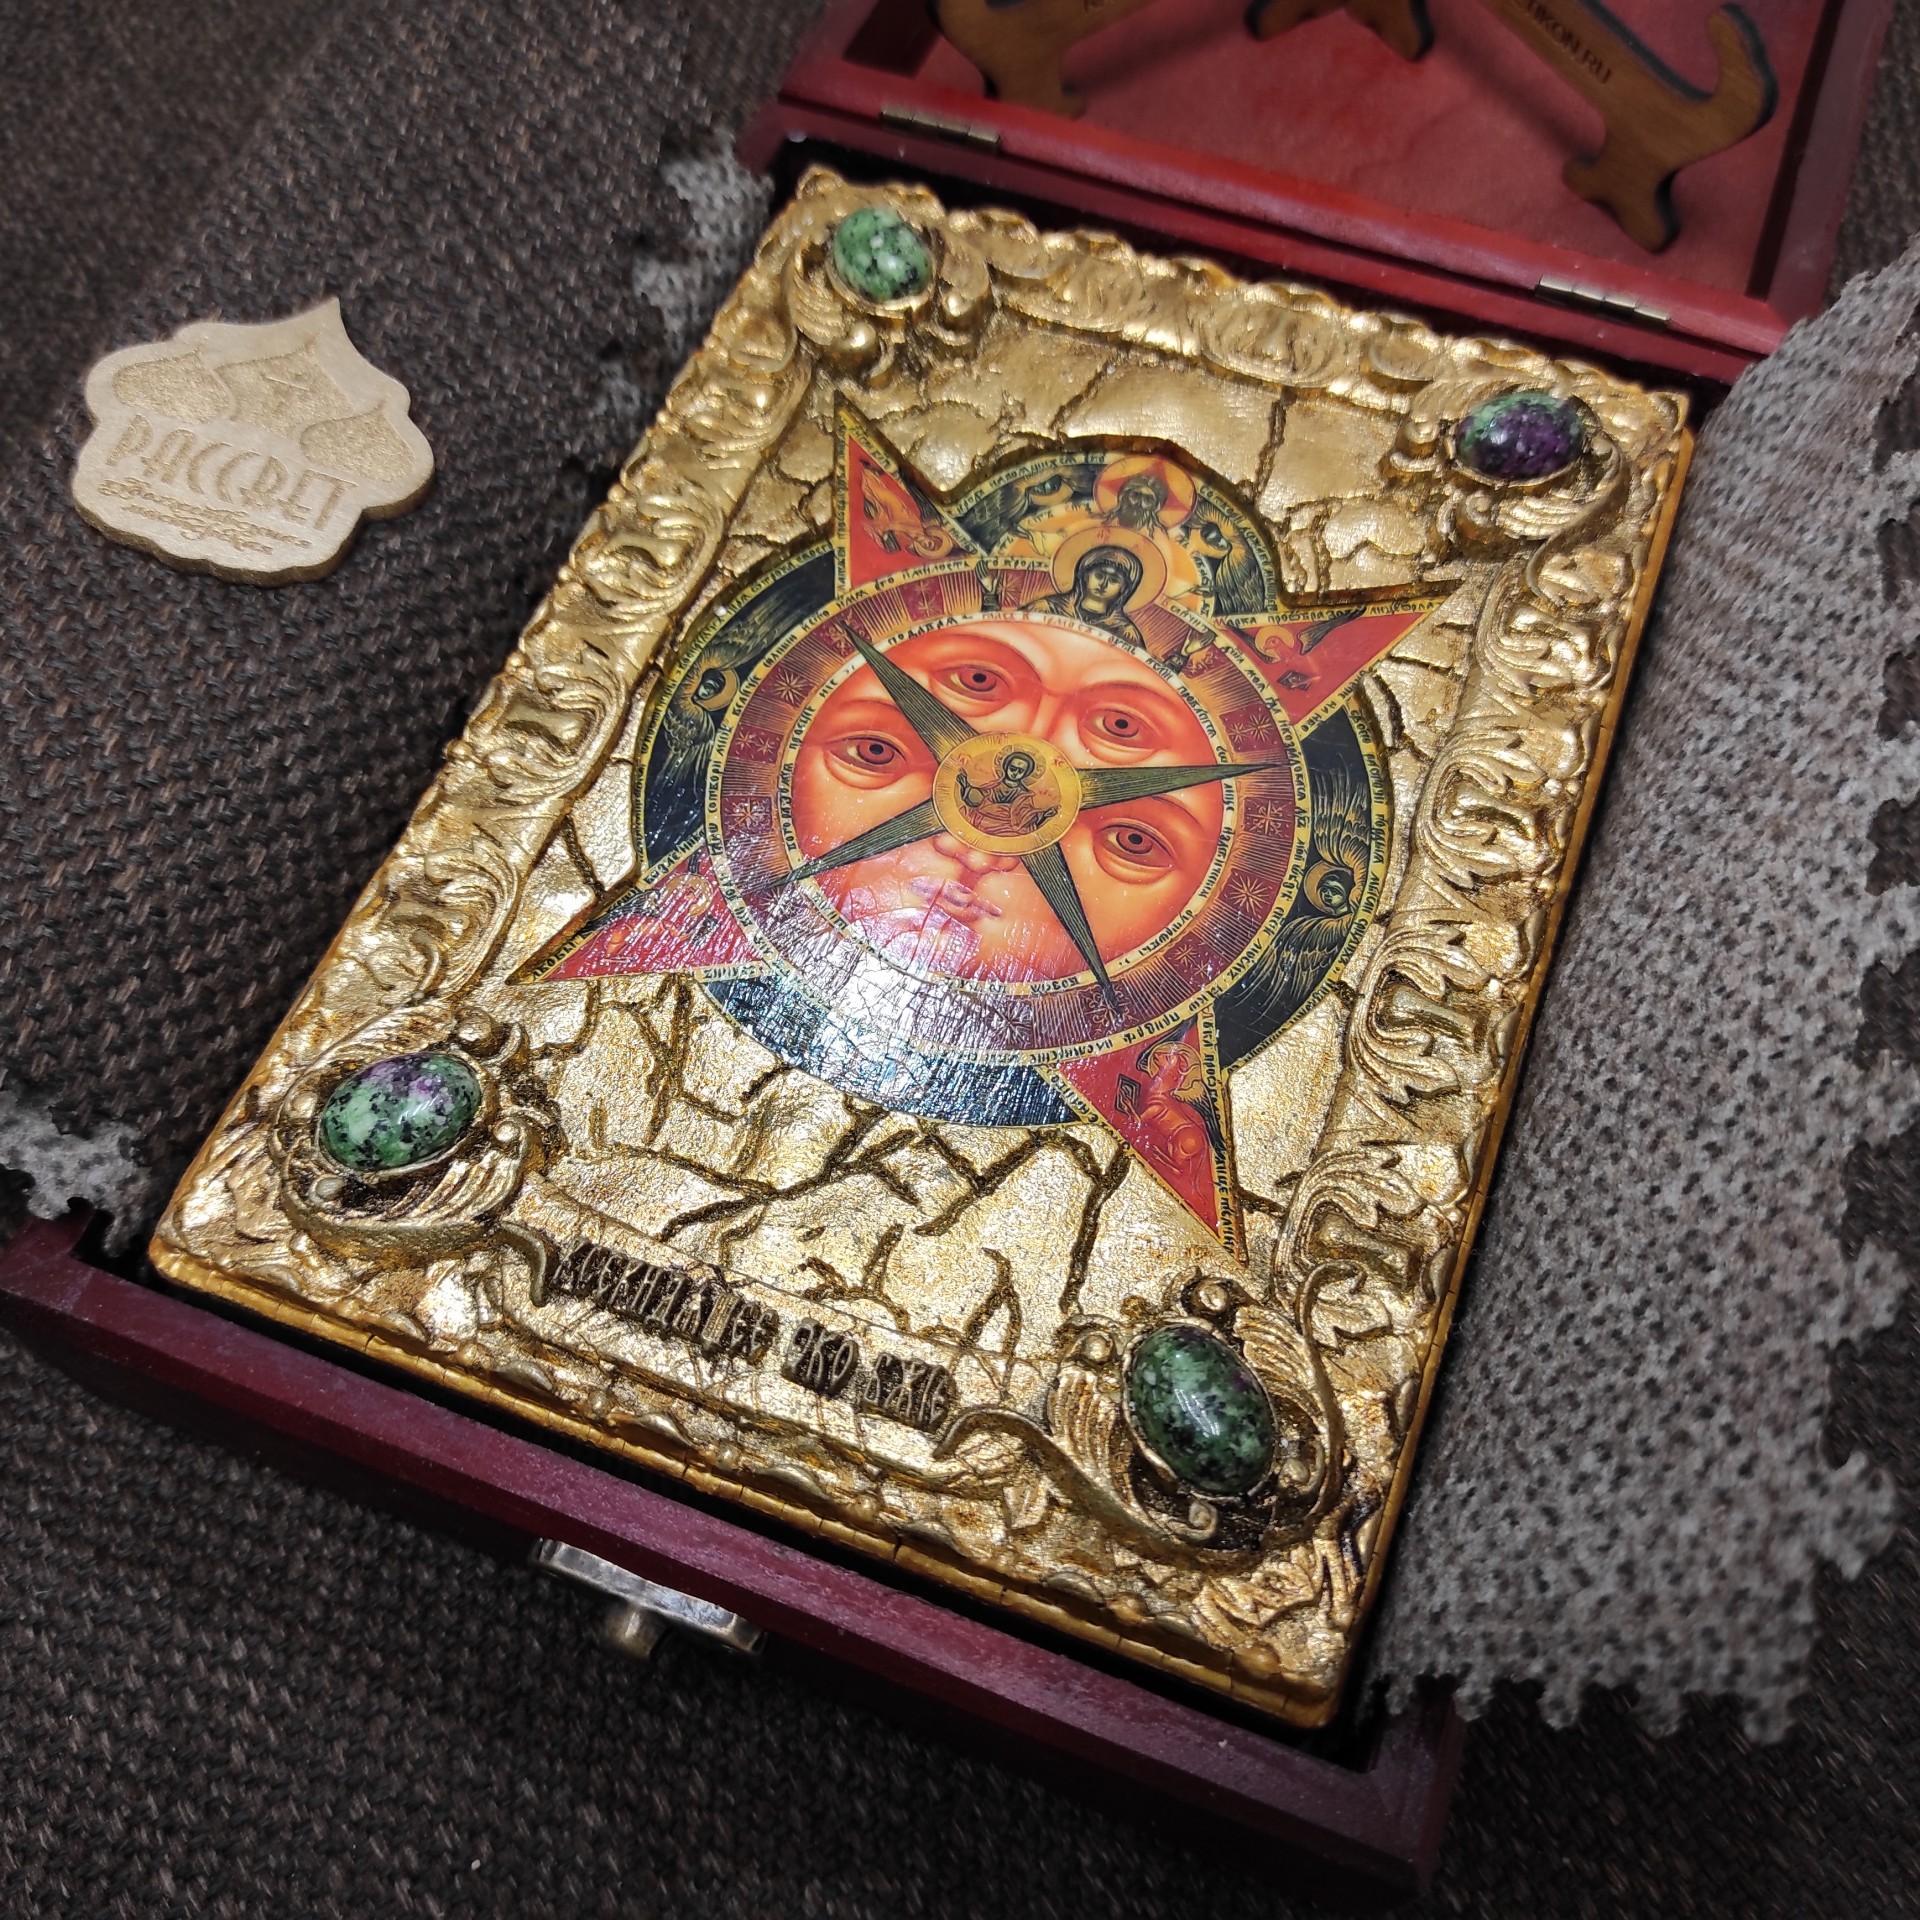 Фото маленькой подарочной иконы Всевидящее око с камнями уложенной в футляр